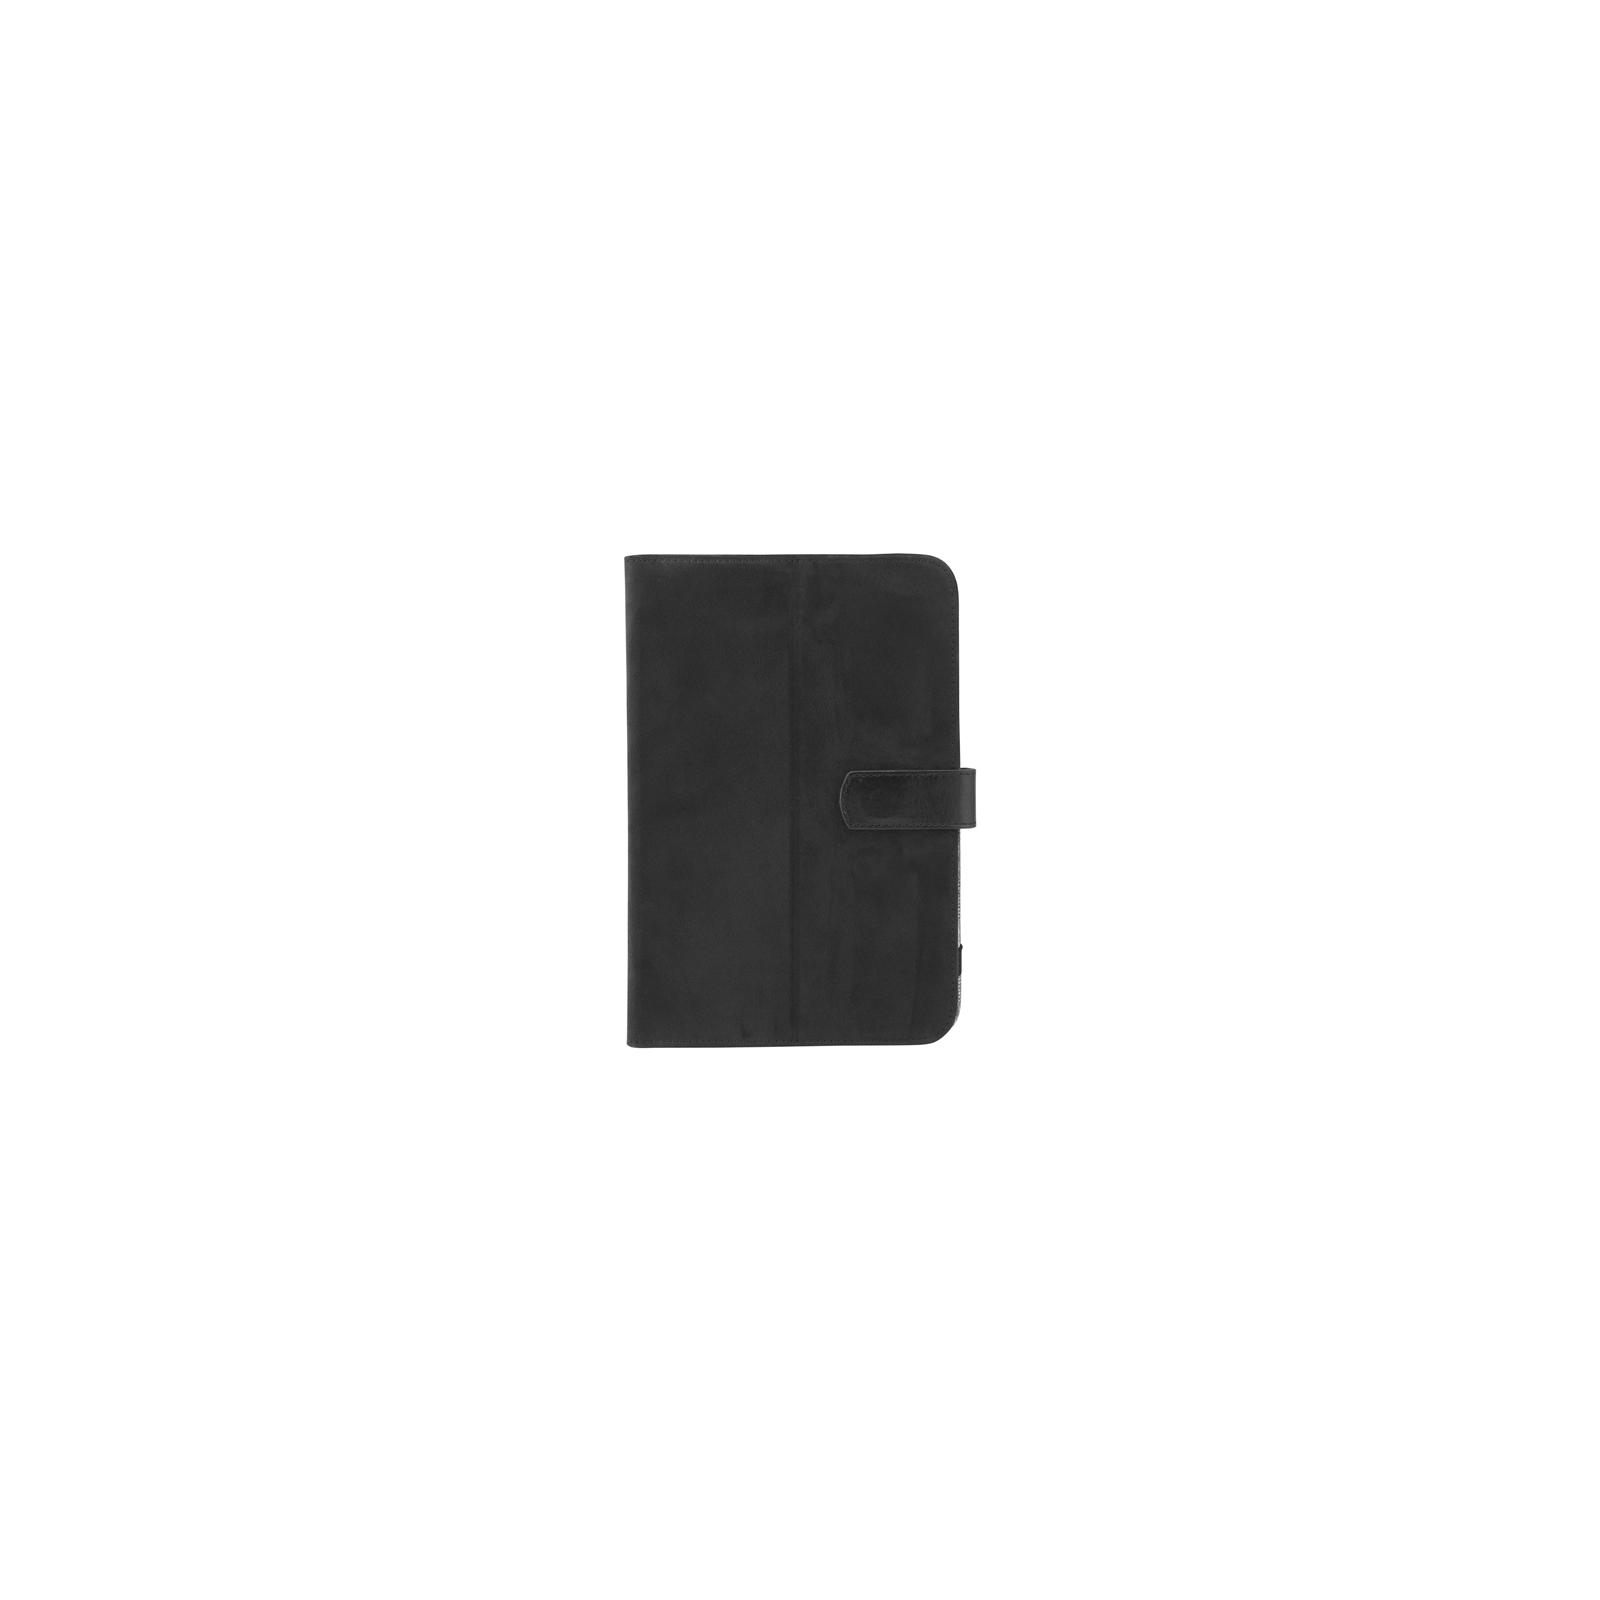 Чехол для планшета Targus 8 Galaxy Note (THZ207EU) изображение 4